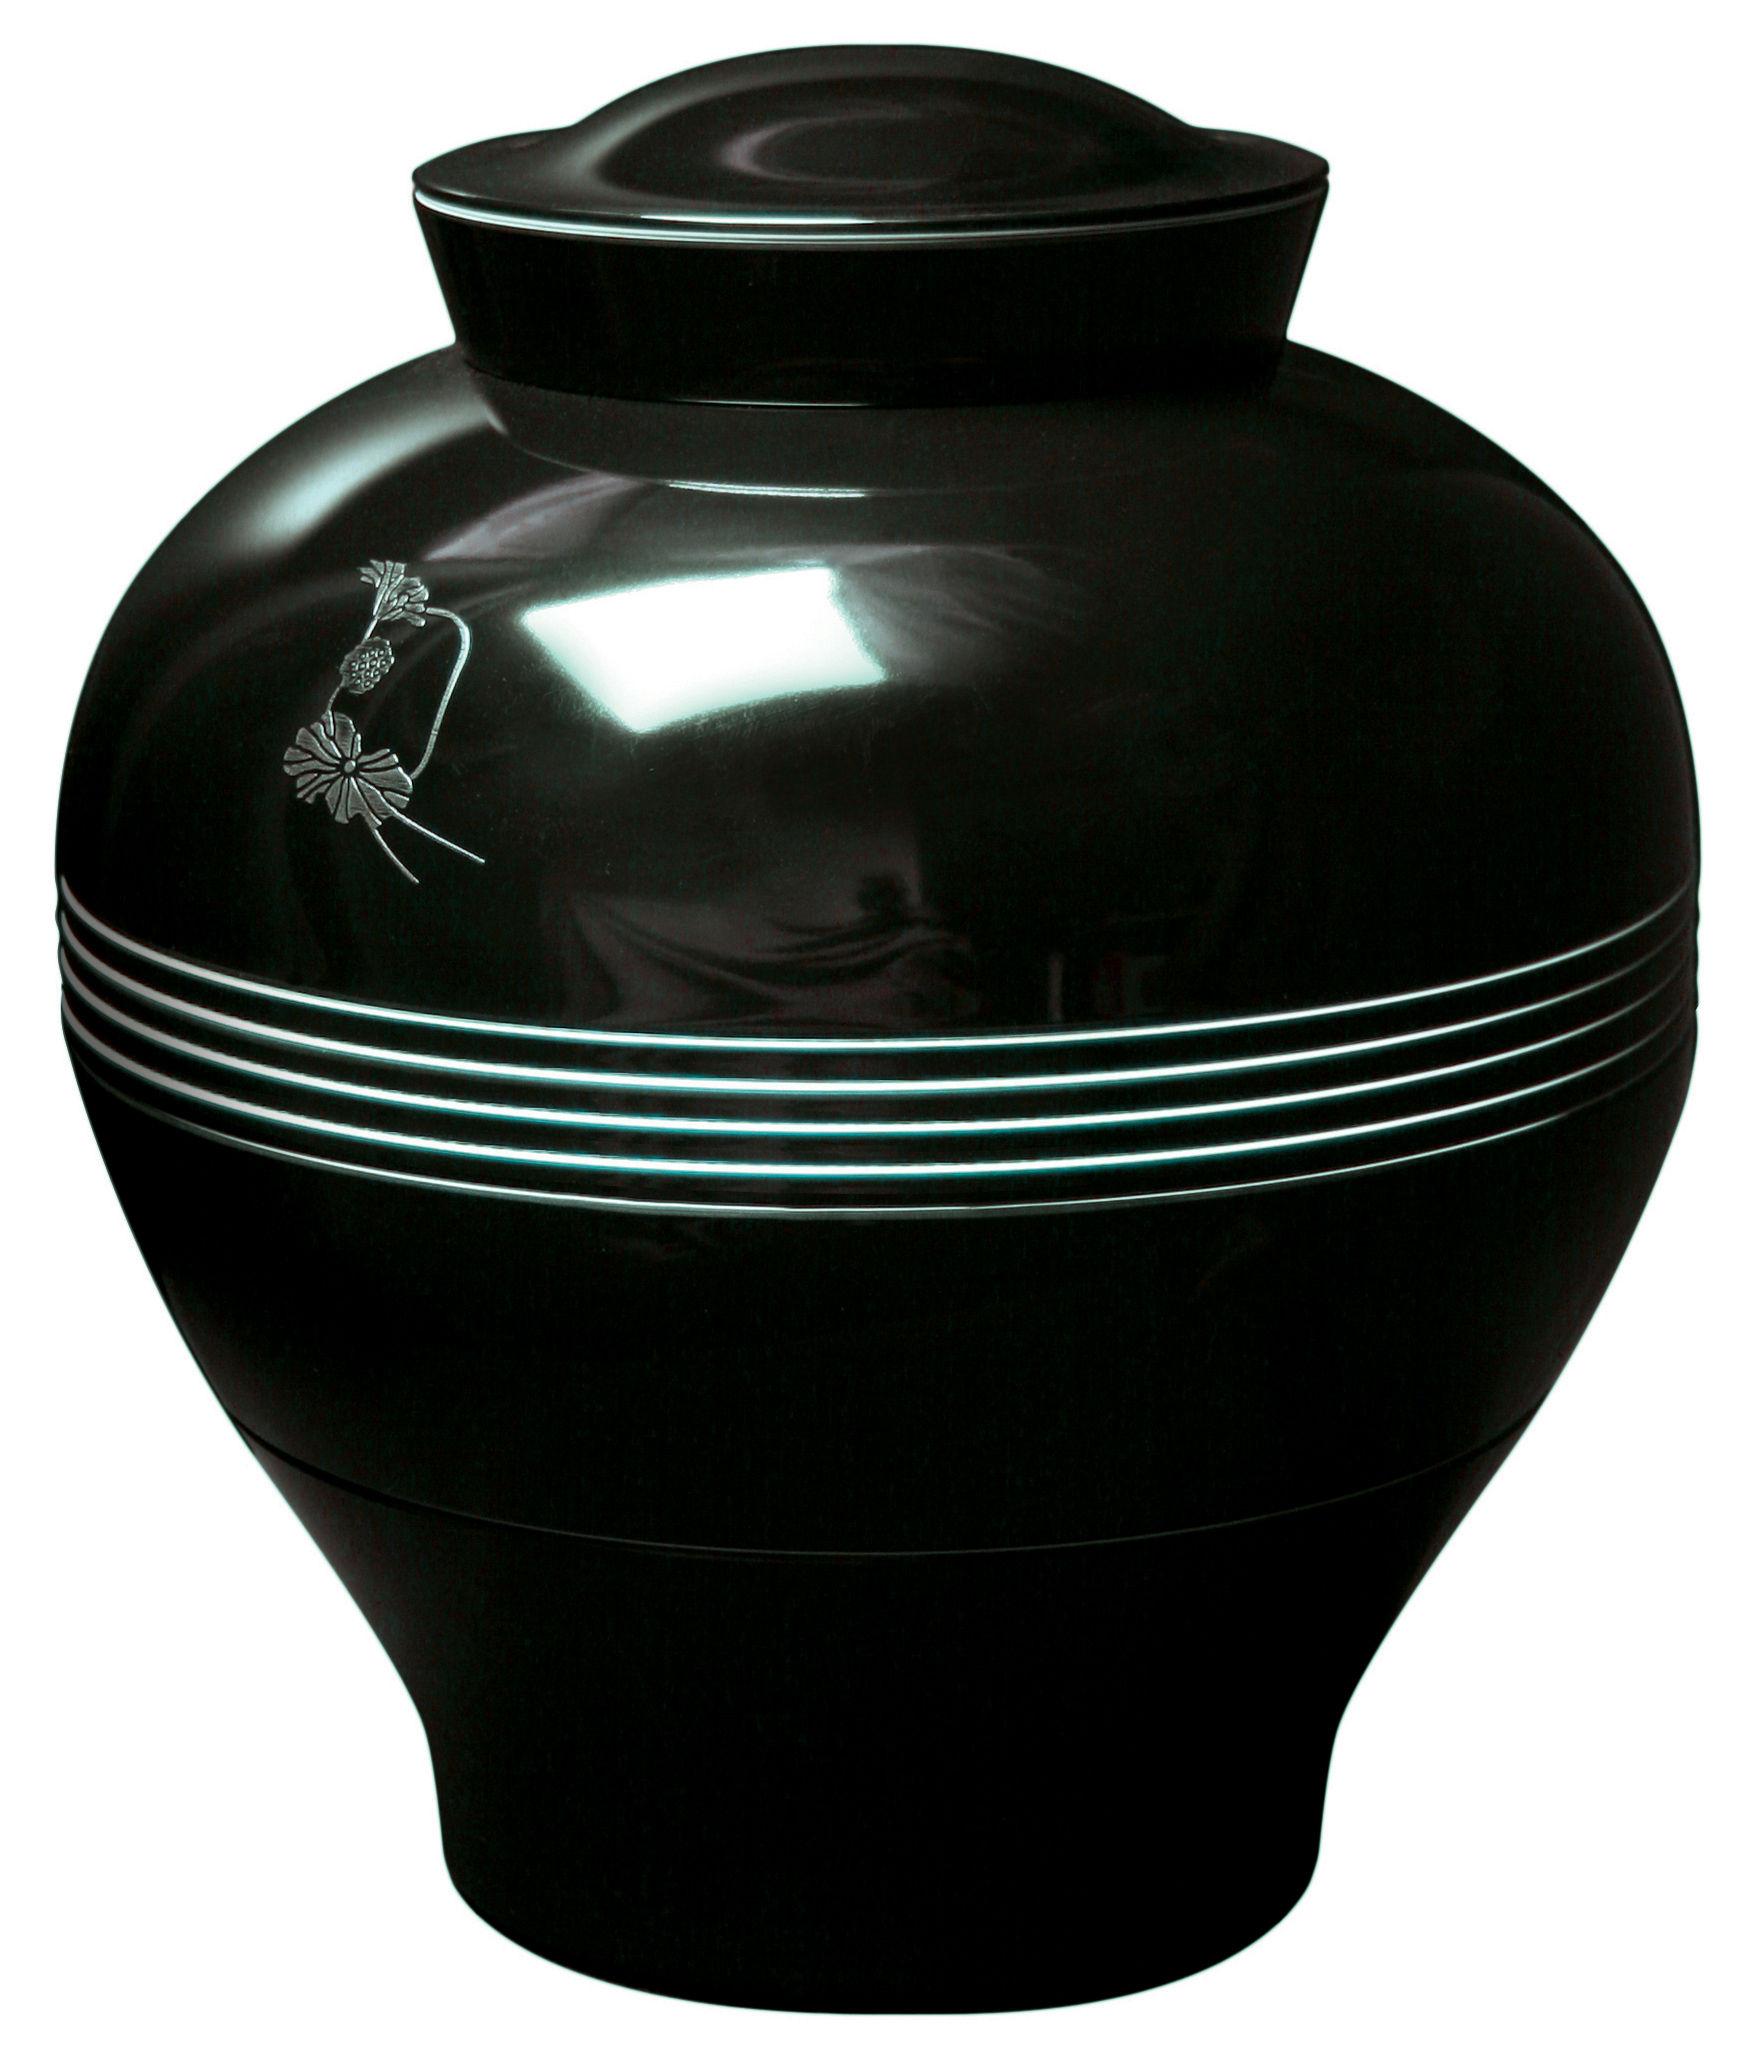 service de table yuan 8 pi ces empilable noir motifs. Black Bedroom Furniture Sets. Home Design Ideas